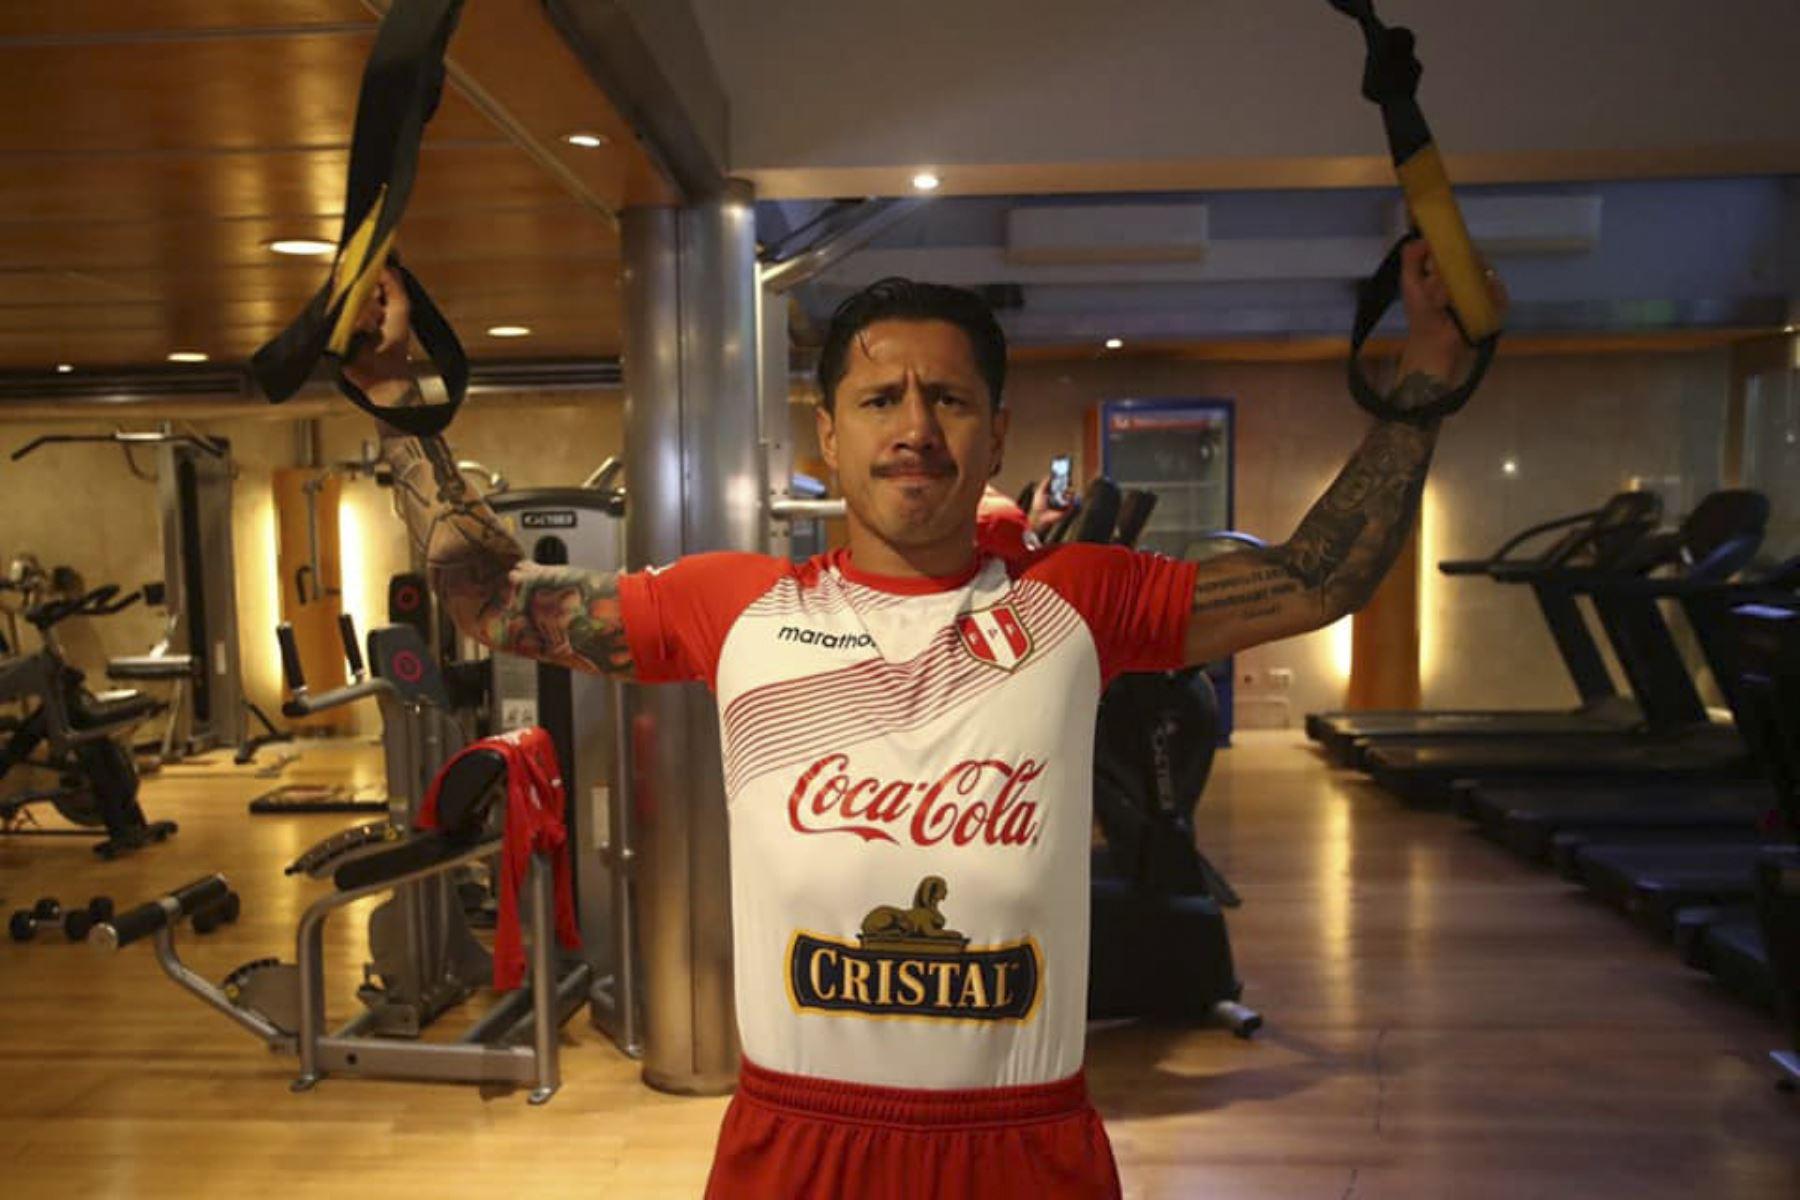 La selección peruana ya se encuentra en Buenos Aires preparándose para el próximo encuentro de este jueves ante Argentina en el estadio Monumental de River Plate. Foto: FPF